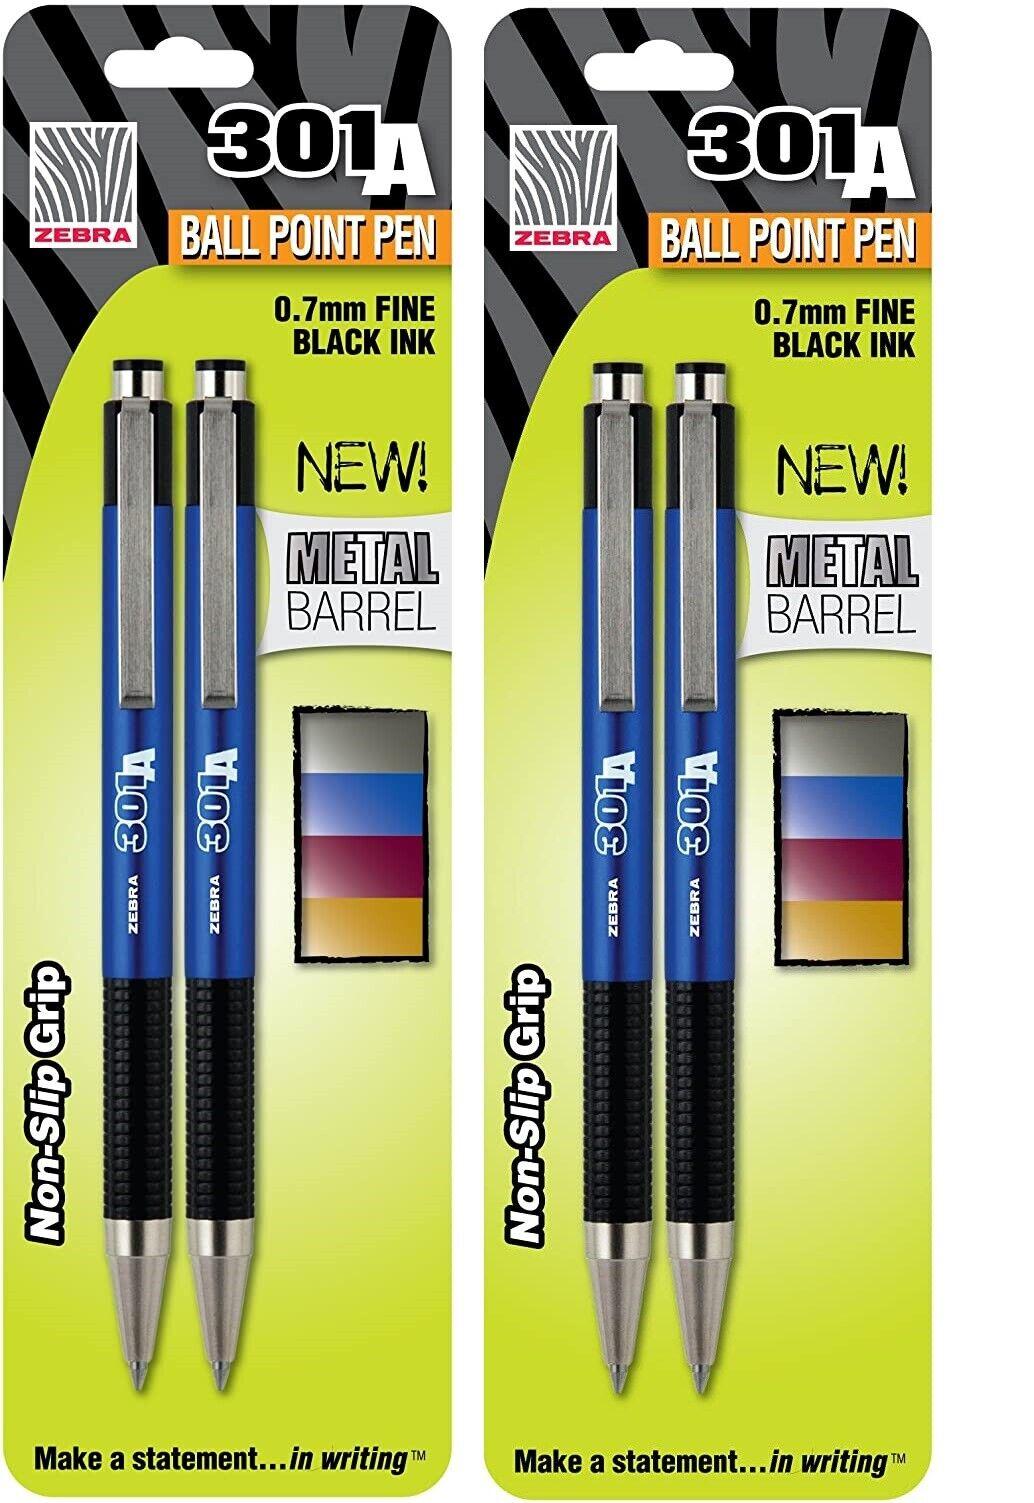 2 Packs – Zebra 301A Ballpoint Pen, Black Ink, Fine Point, 0.7mm, New in Pack Ballpoint & Rollerball Pens